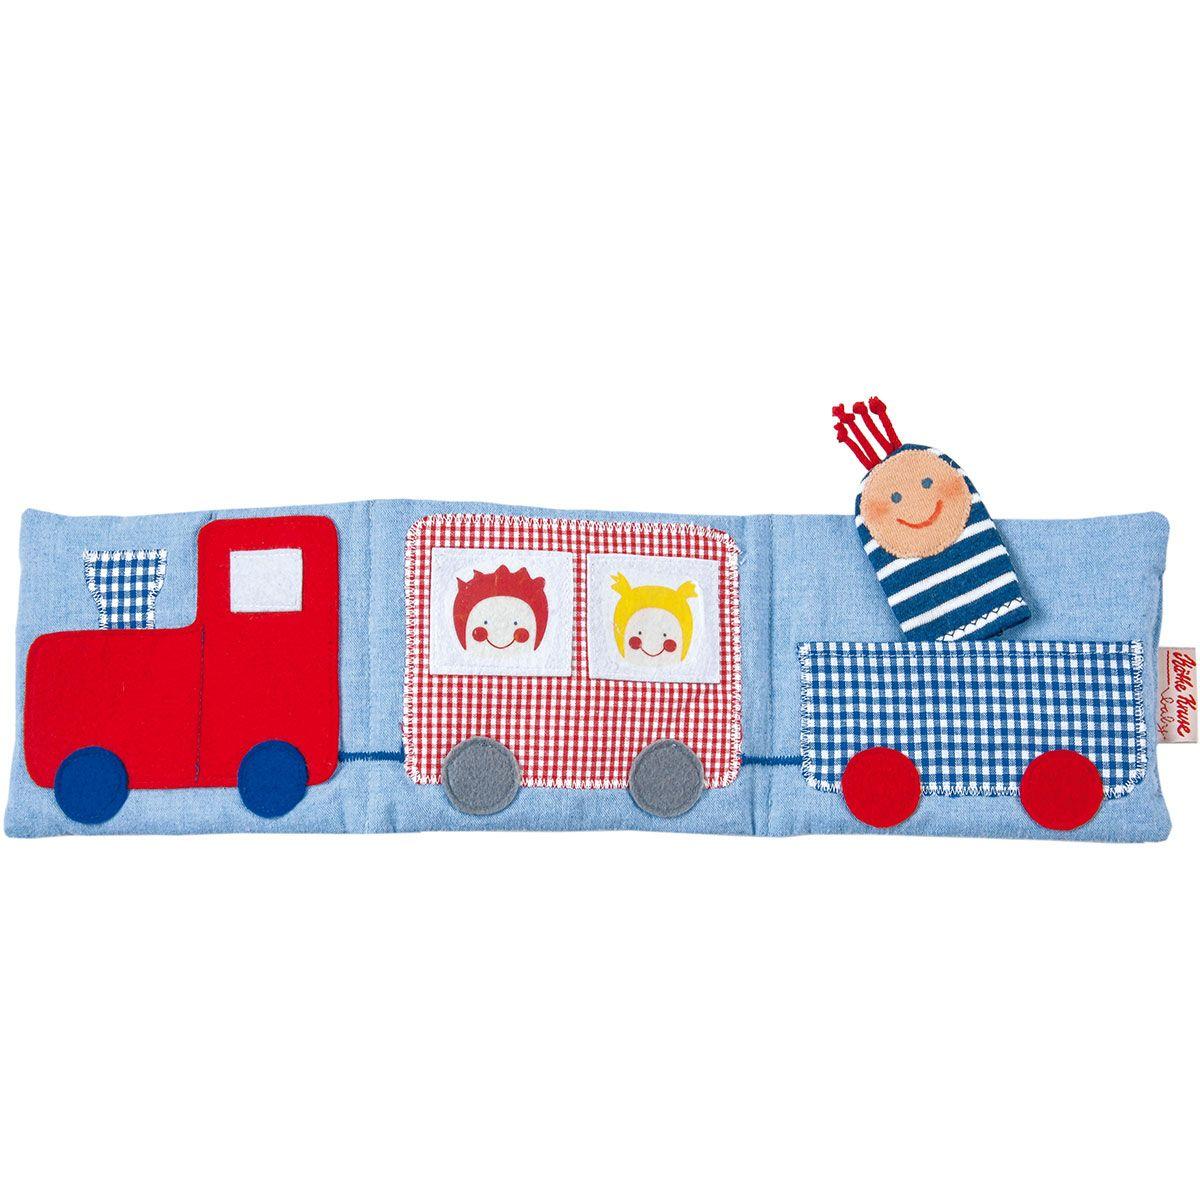 """Käthe Kruse Bilderbuch """"Unterwegs"""" (Bunt) - Spieluhr, Mobiles & mehr - Schönes fürs Baby - Baby & Kind"""